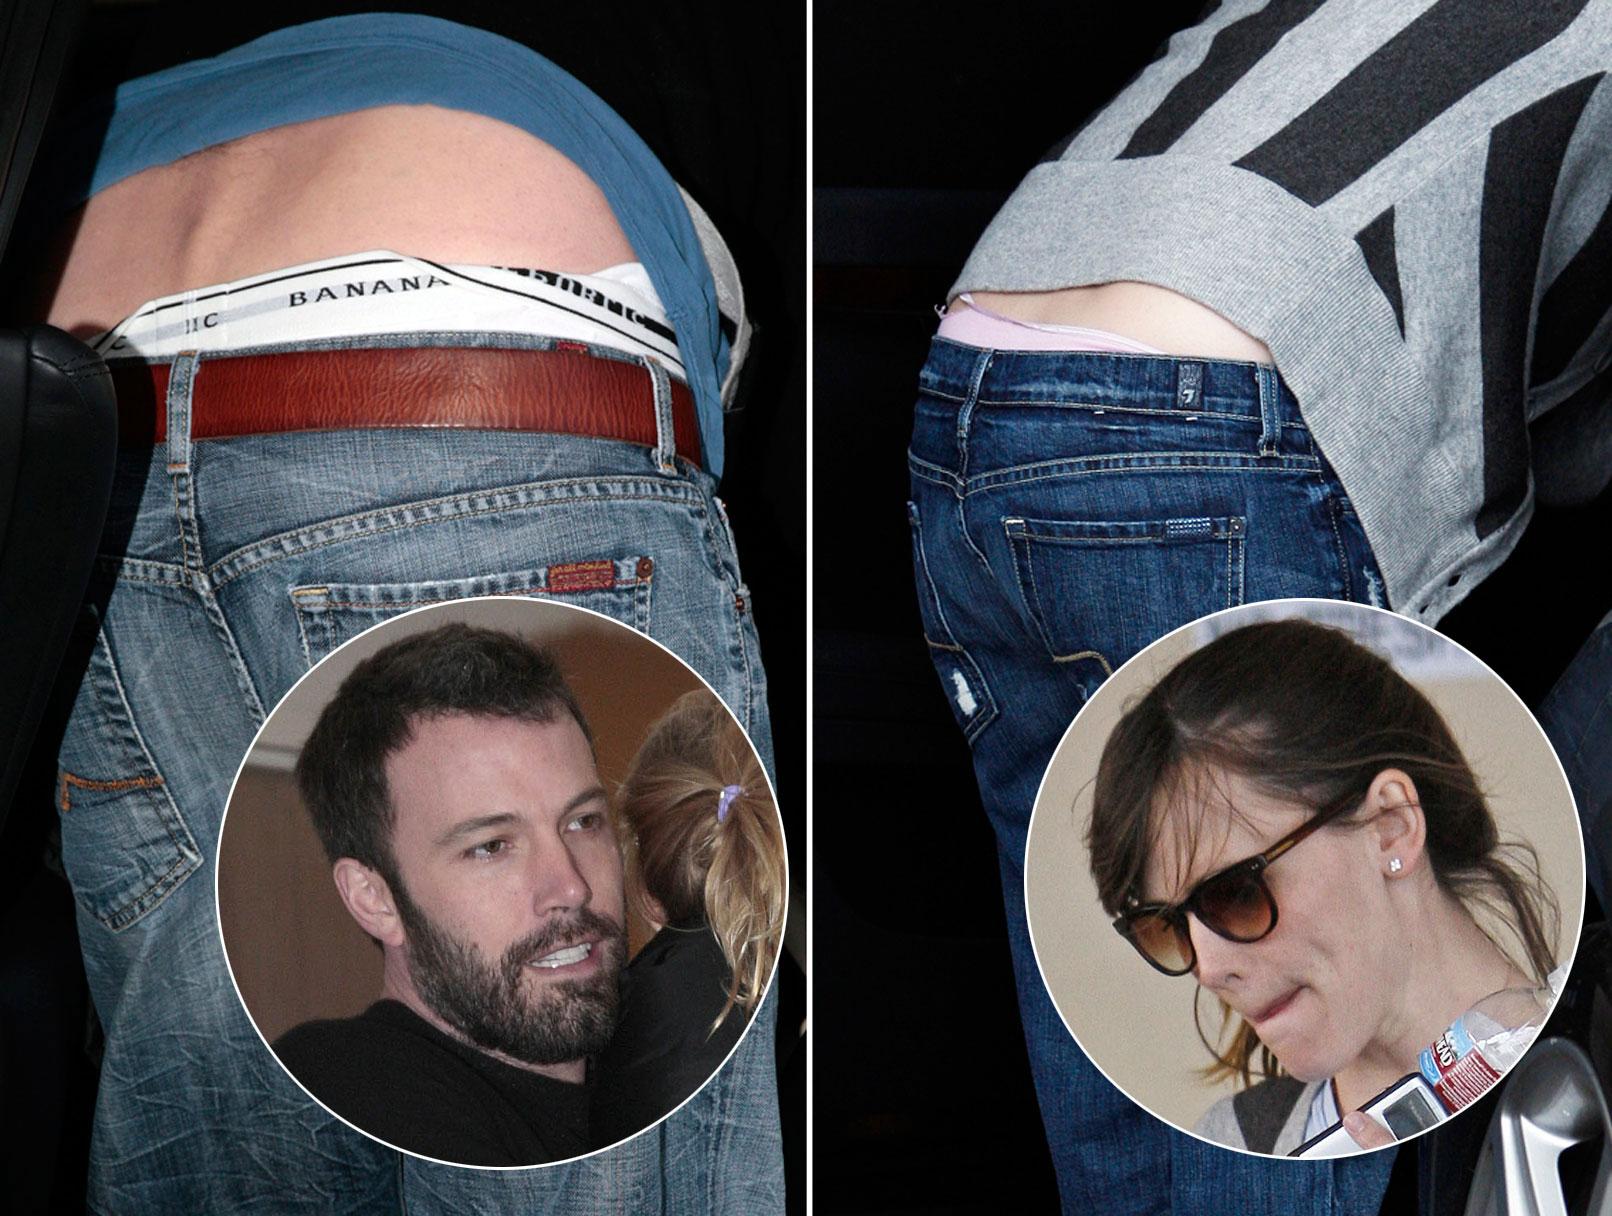 Jennifer Garner Ben Affleck flashing underwear